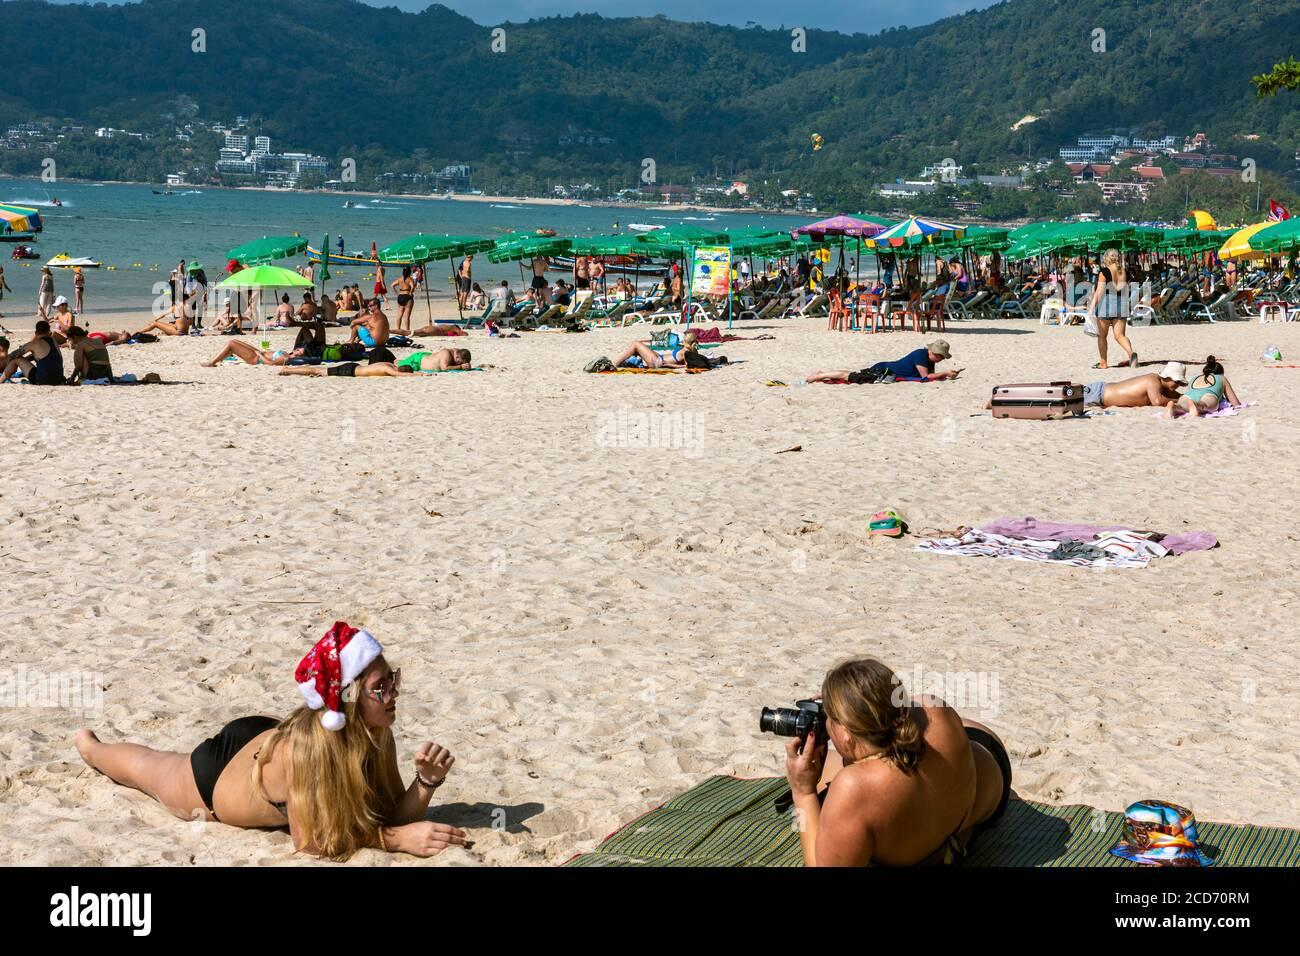 Touristes prenant des photos à Santa Hat sur la plage à Noël, Patong, Phuket, Thaïlande Banque D'Images